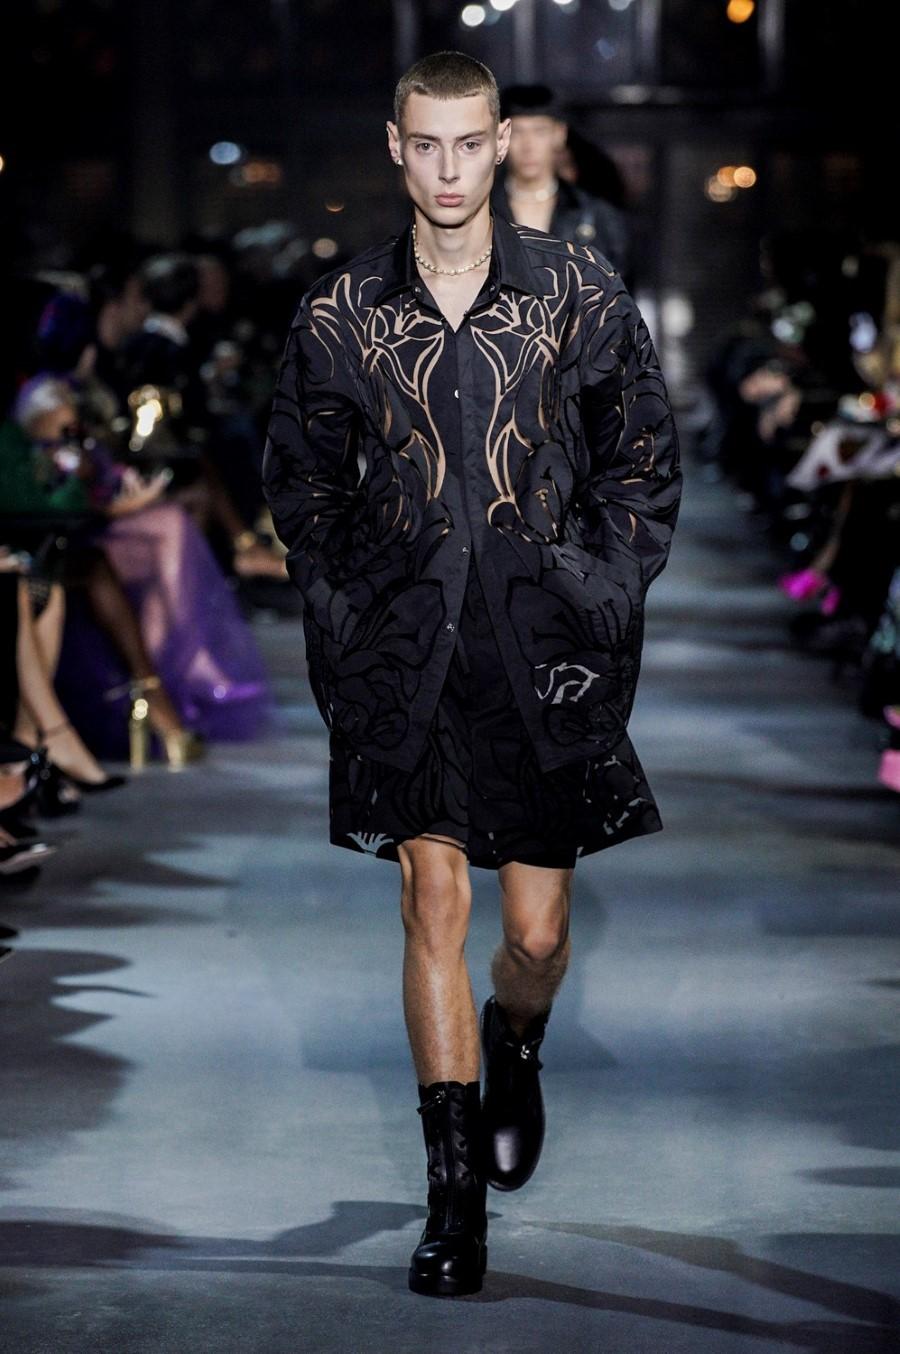 Valentino Spring Summer 2022 - Paris Fashion Week